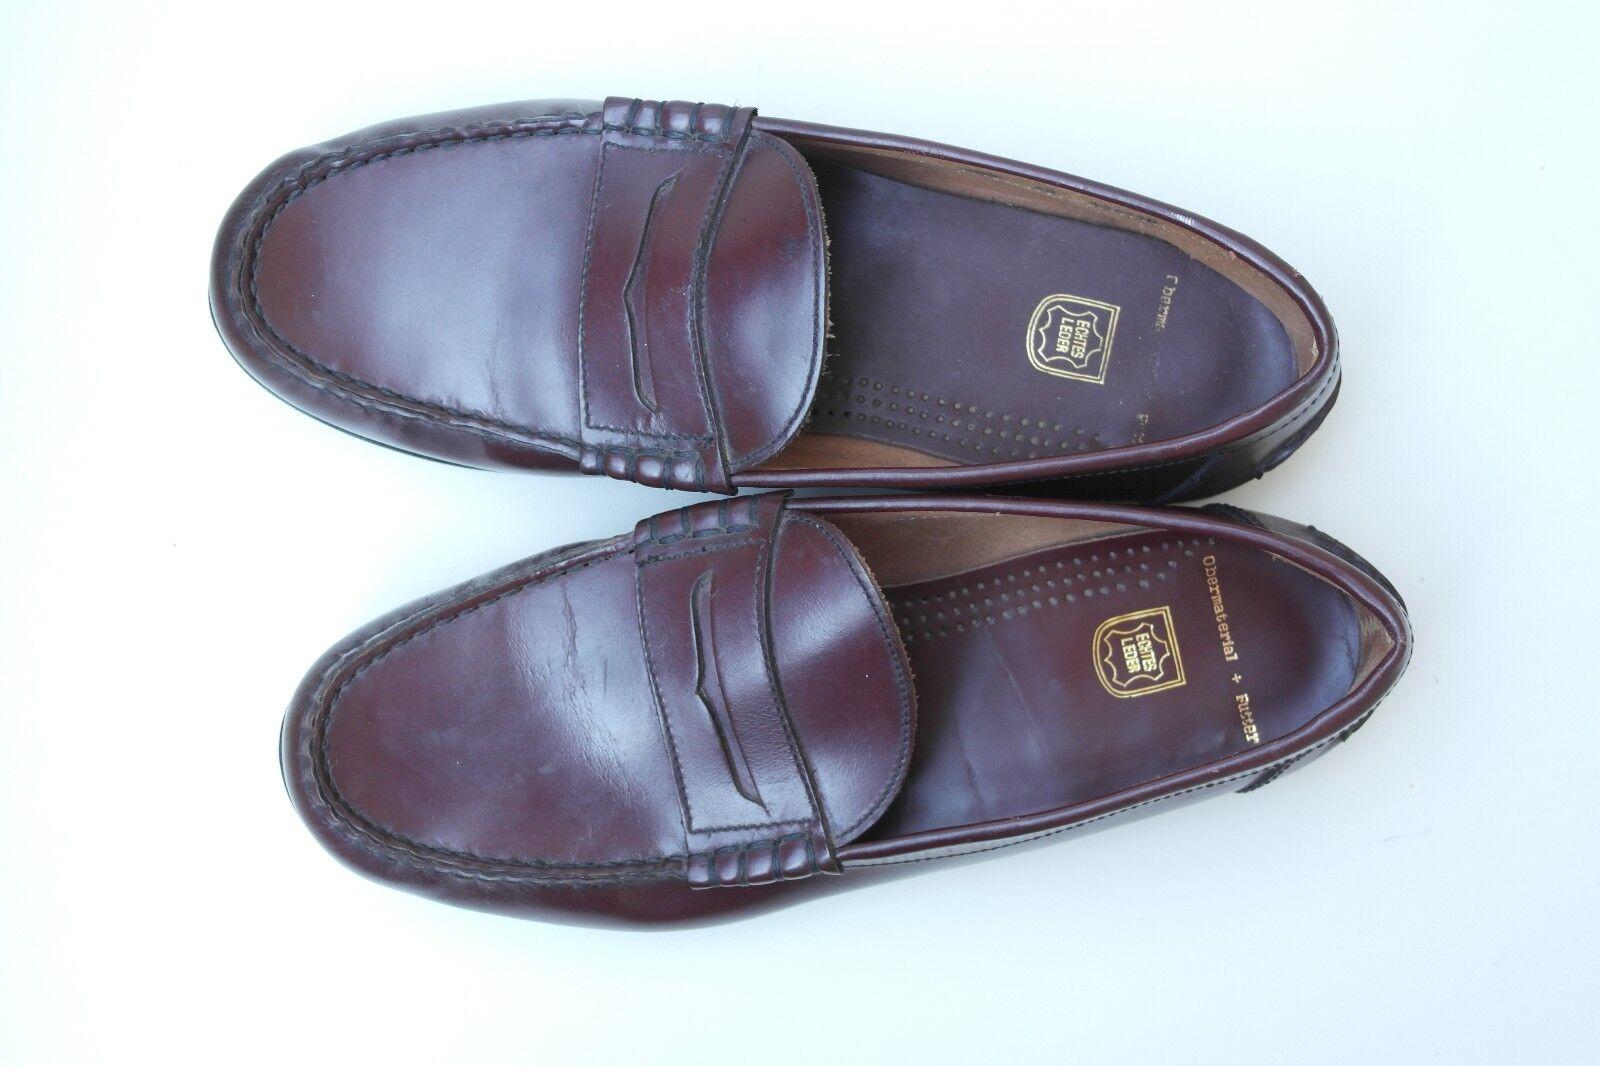 TRUE VINTAGE Herren Schuhe Halbschuhe NOS Halbschuhe Schuhe Slipper EUR 46 TRUE VINTAGE UK 11,5 36d924